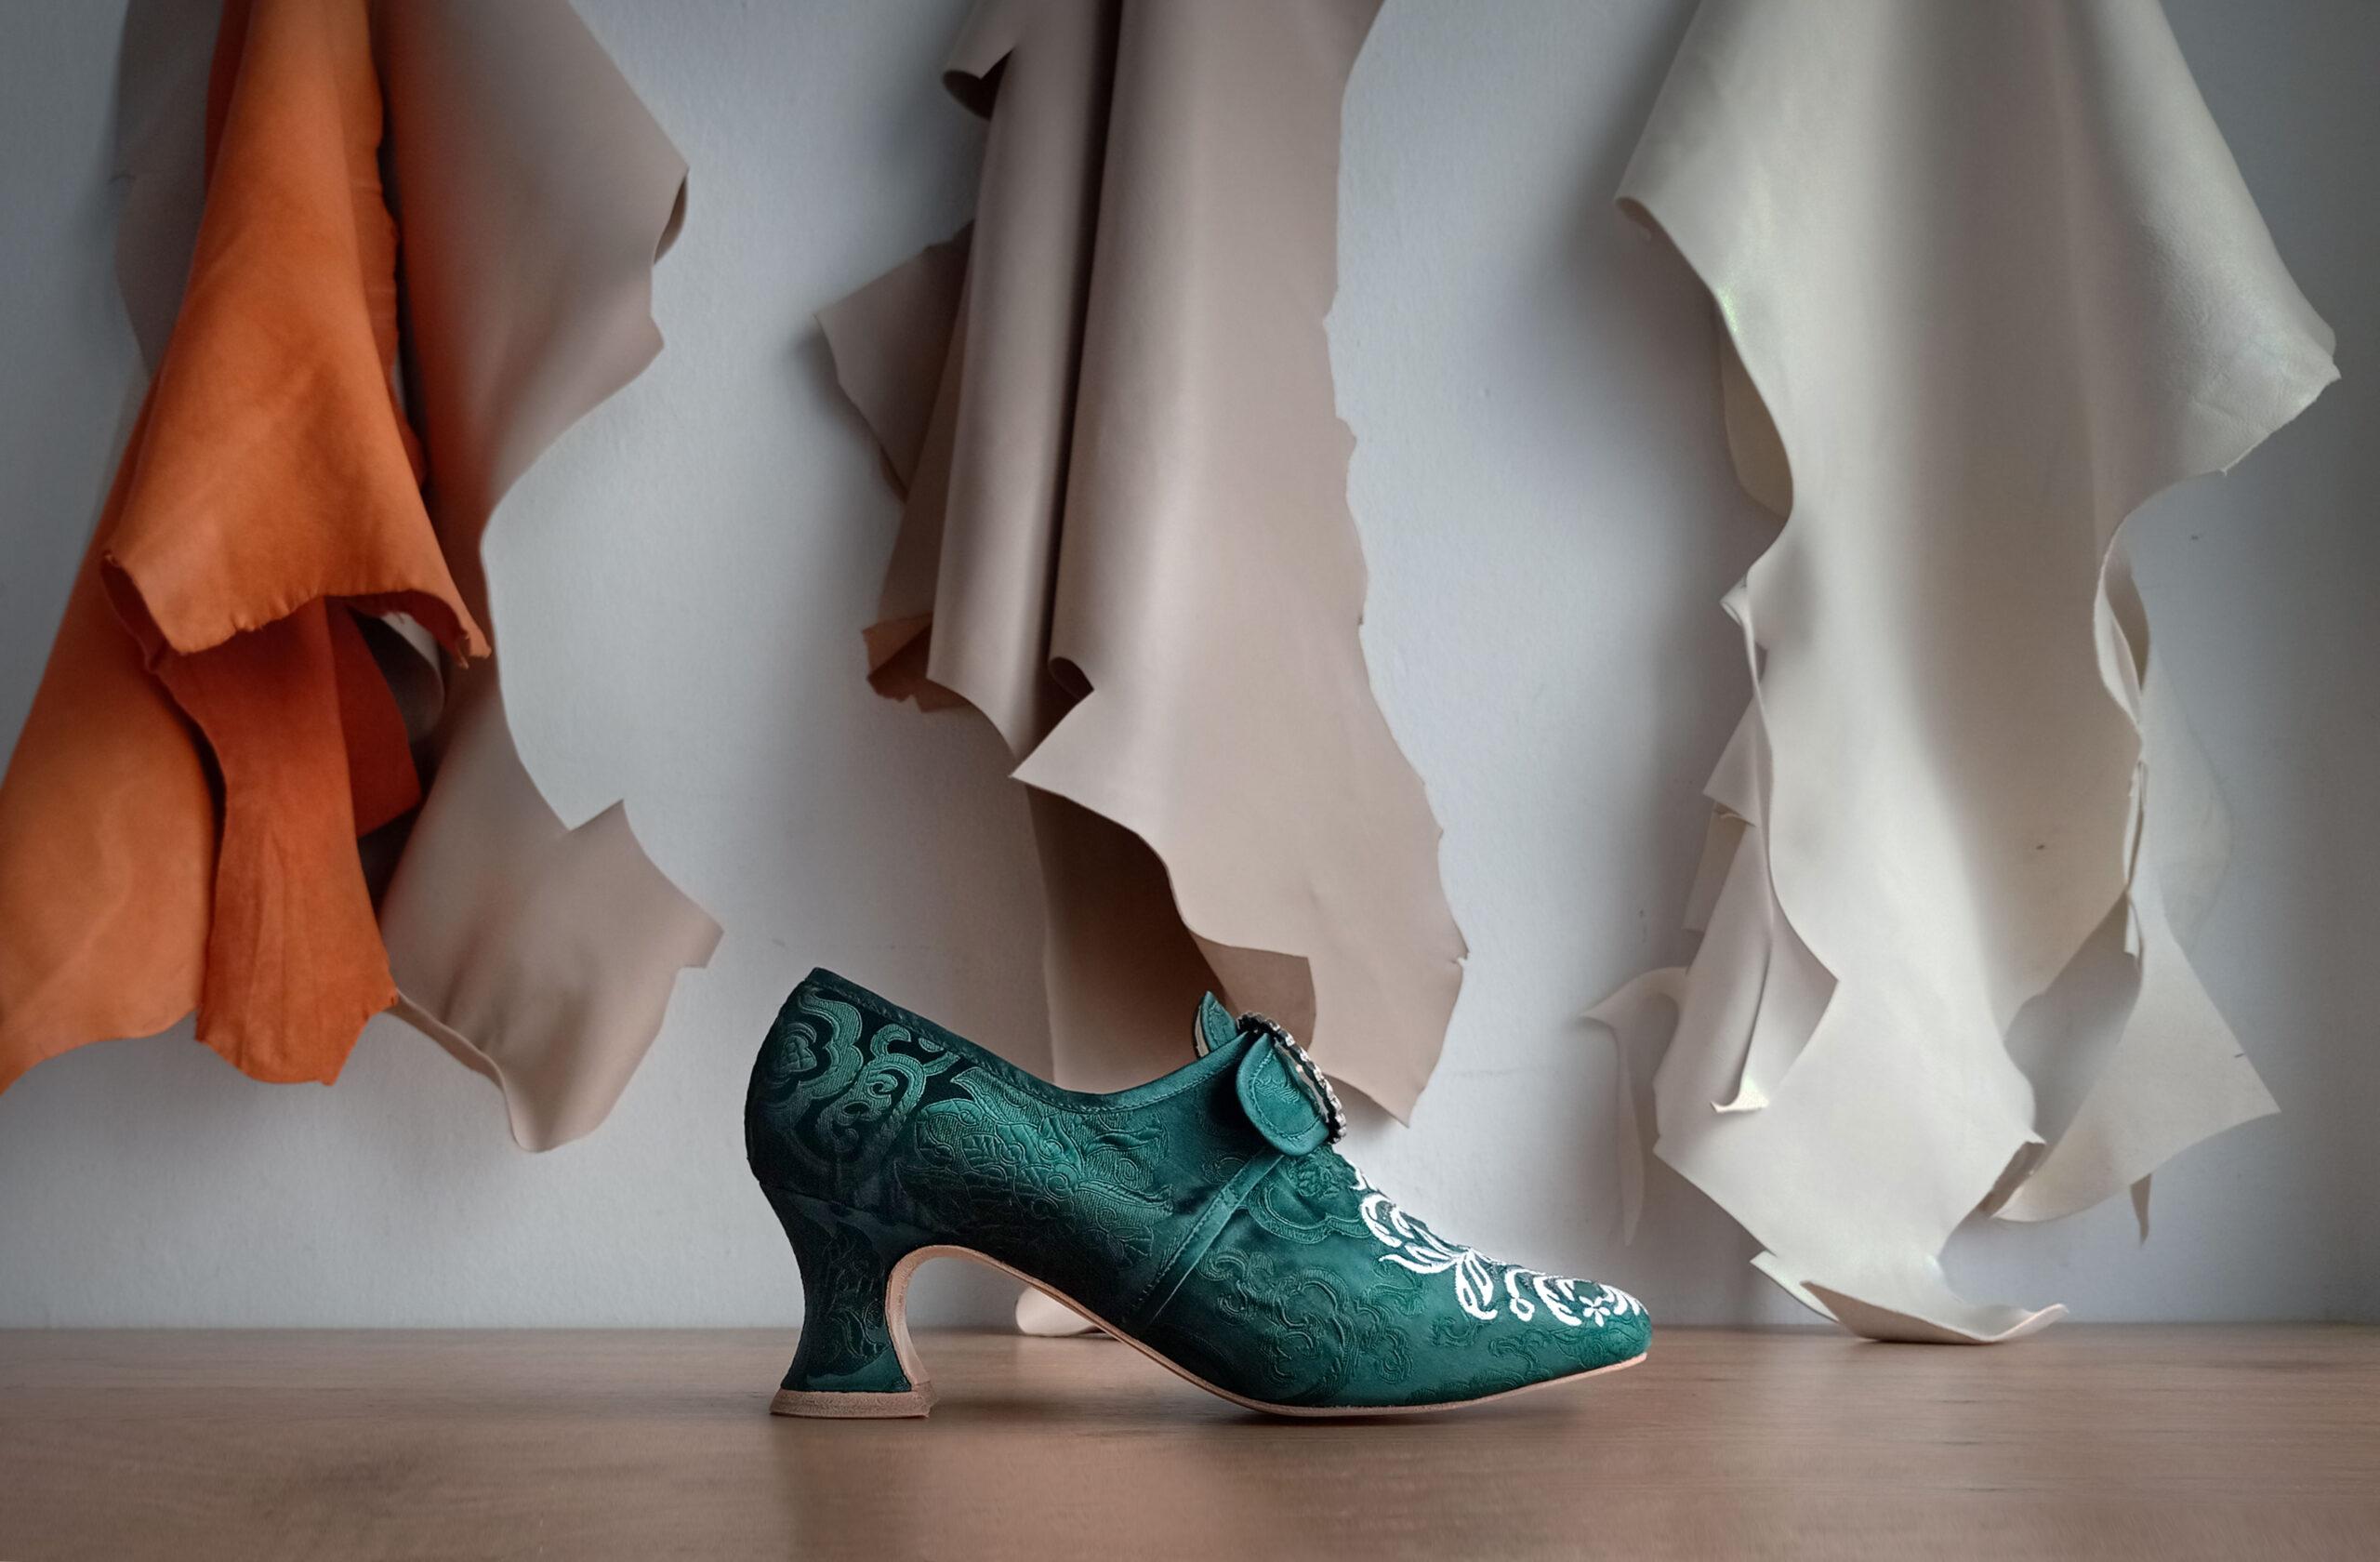 18th century shoe costuming